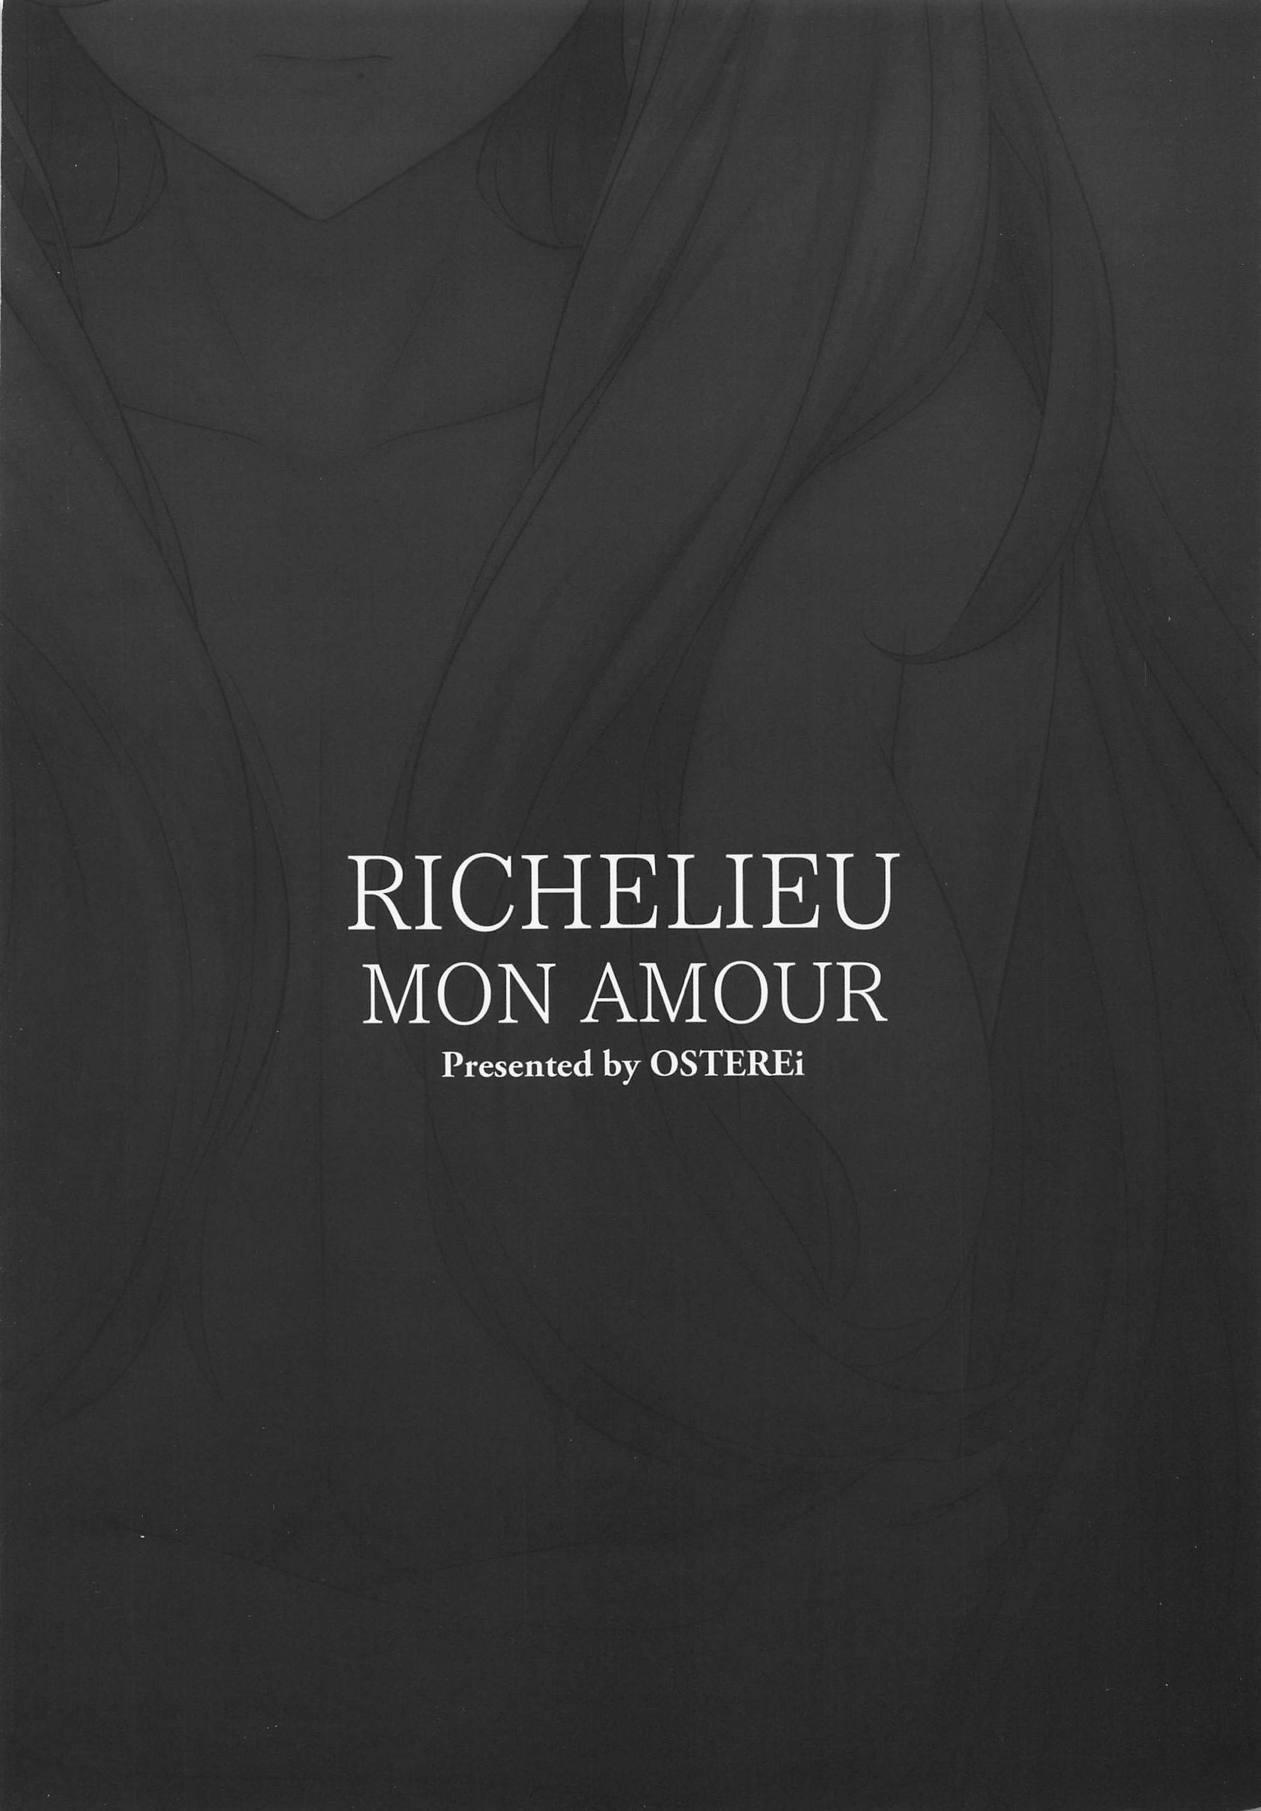 RICHELIEU MON AMOUR 24